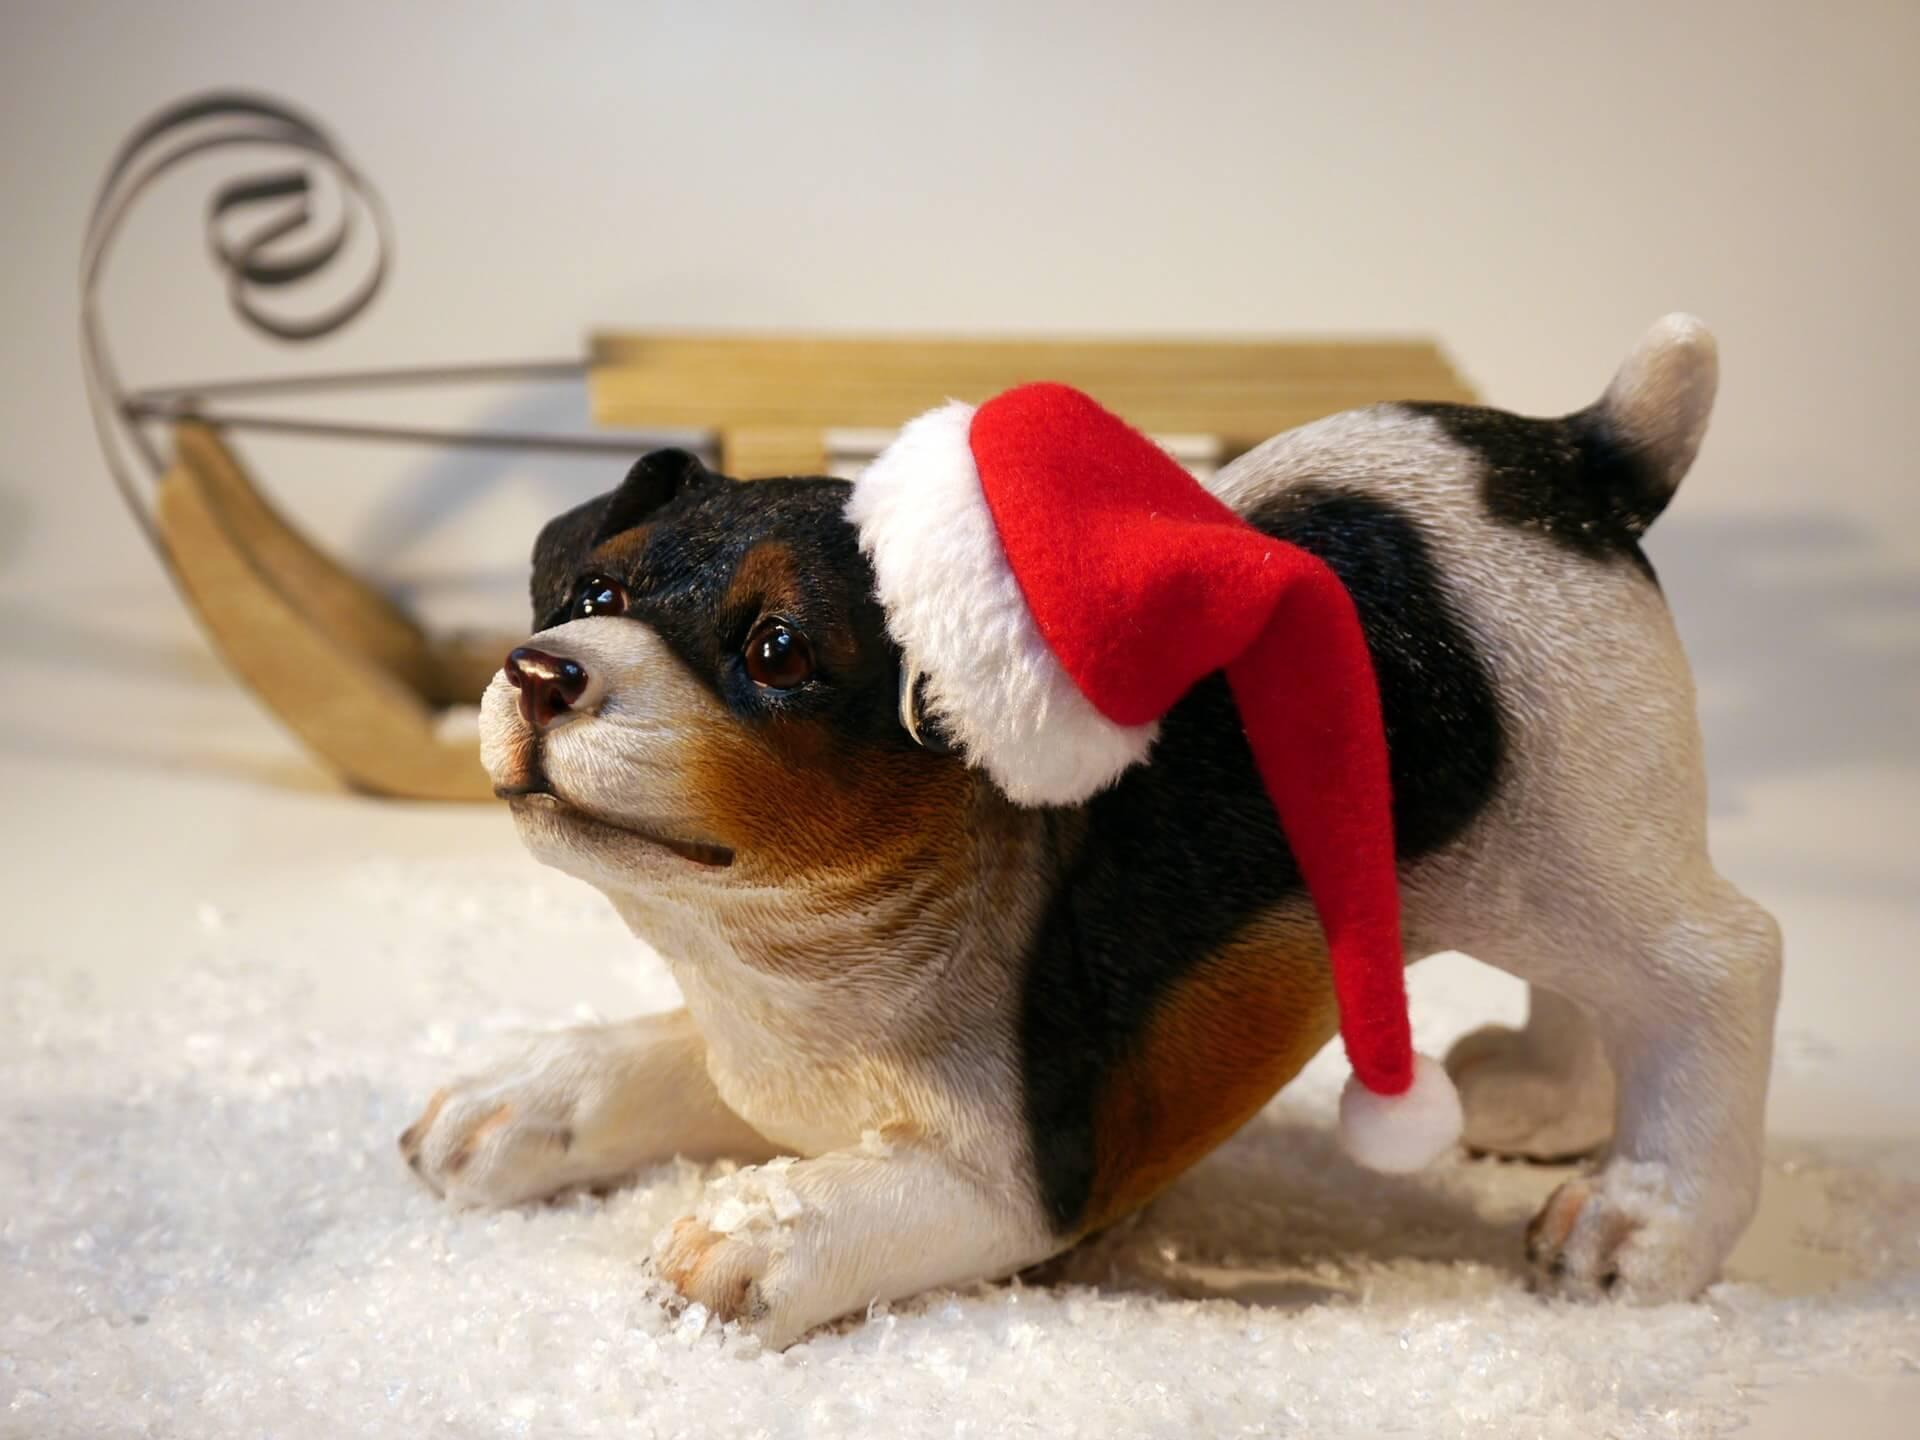 De unieke kerstversiering van deze hond is ede ultieme zelfexpressie. Creativiteit rond kerstmis